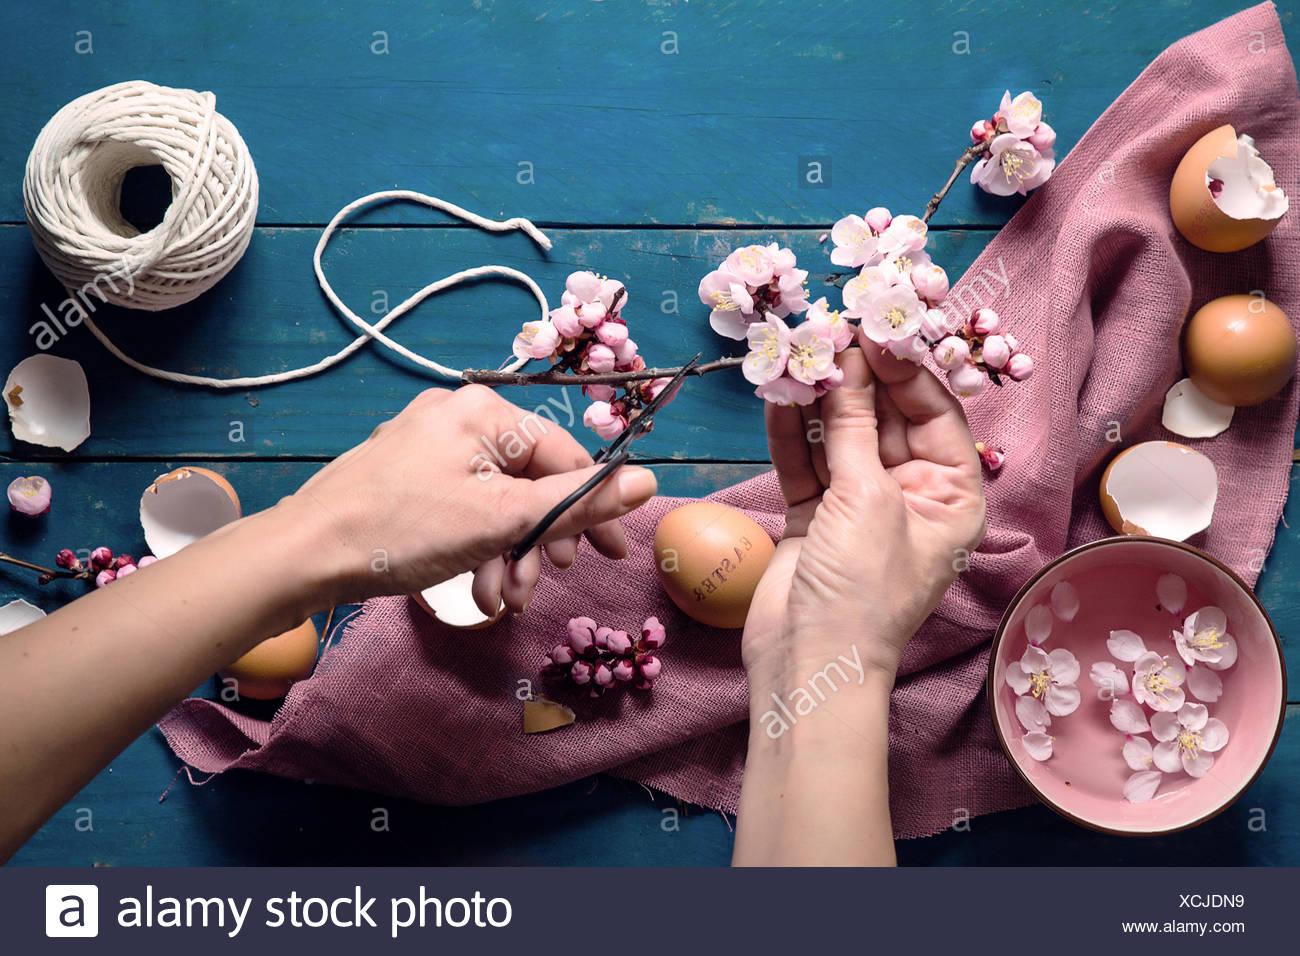 Woman's hands cutting faire décoration de Pâques Photo Stock